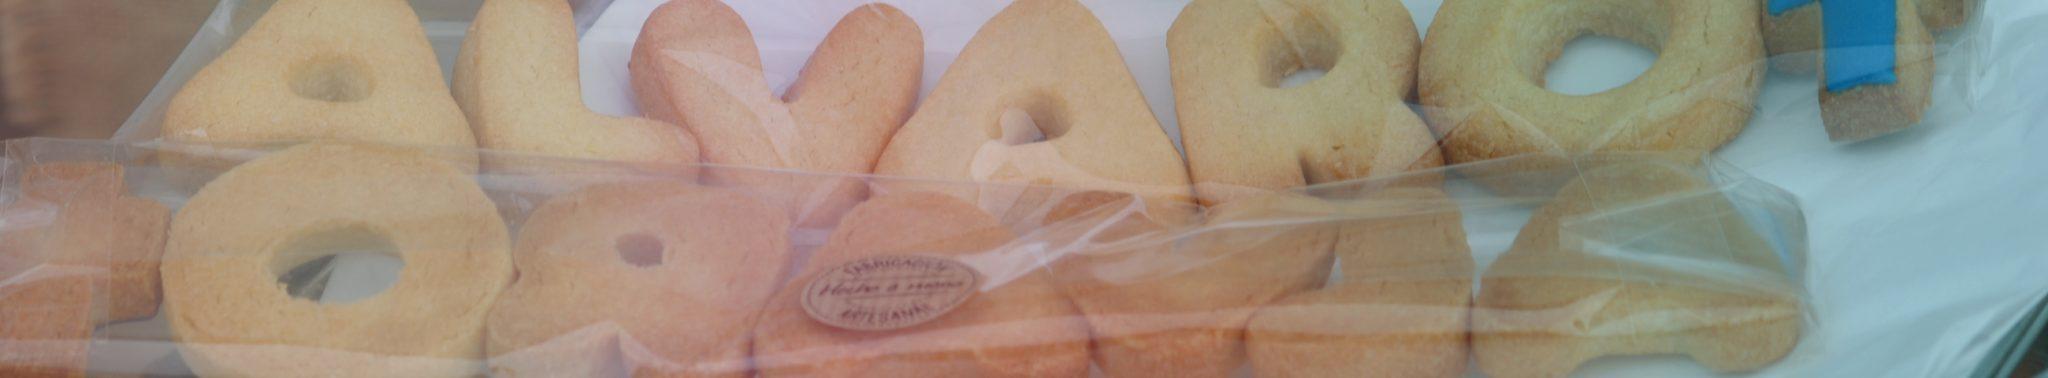 Galletas de mantequilla personalizadas